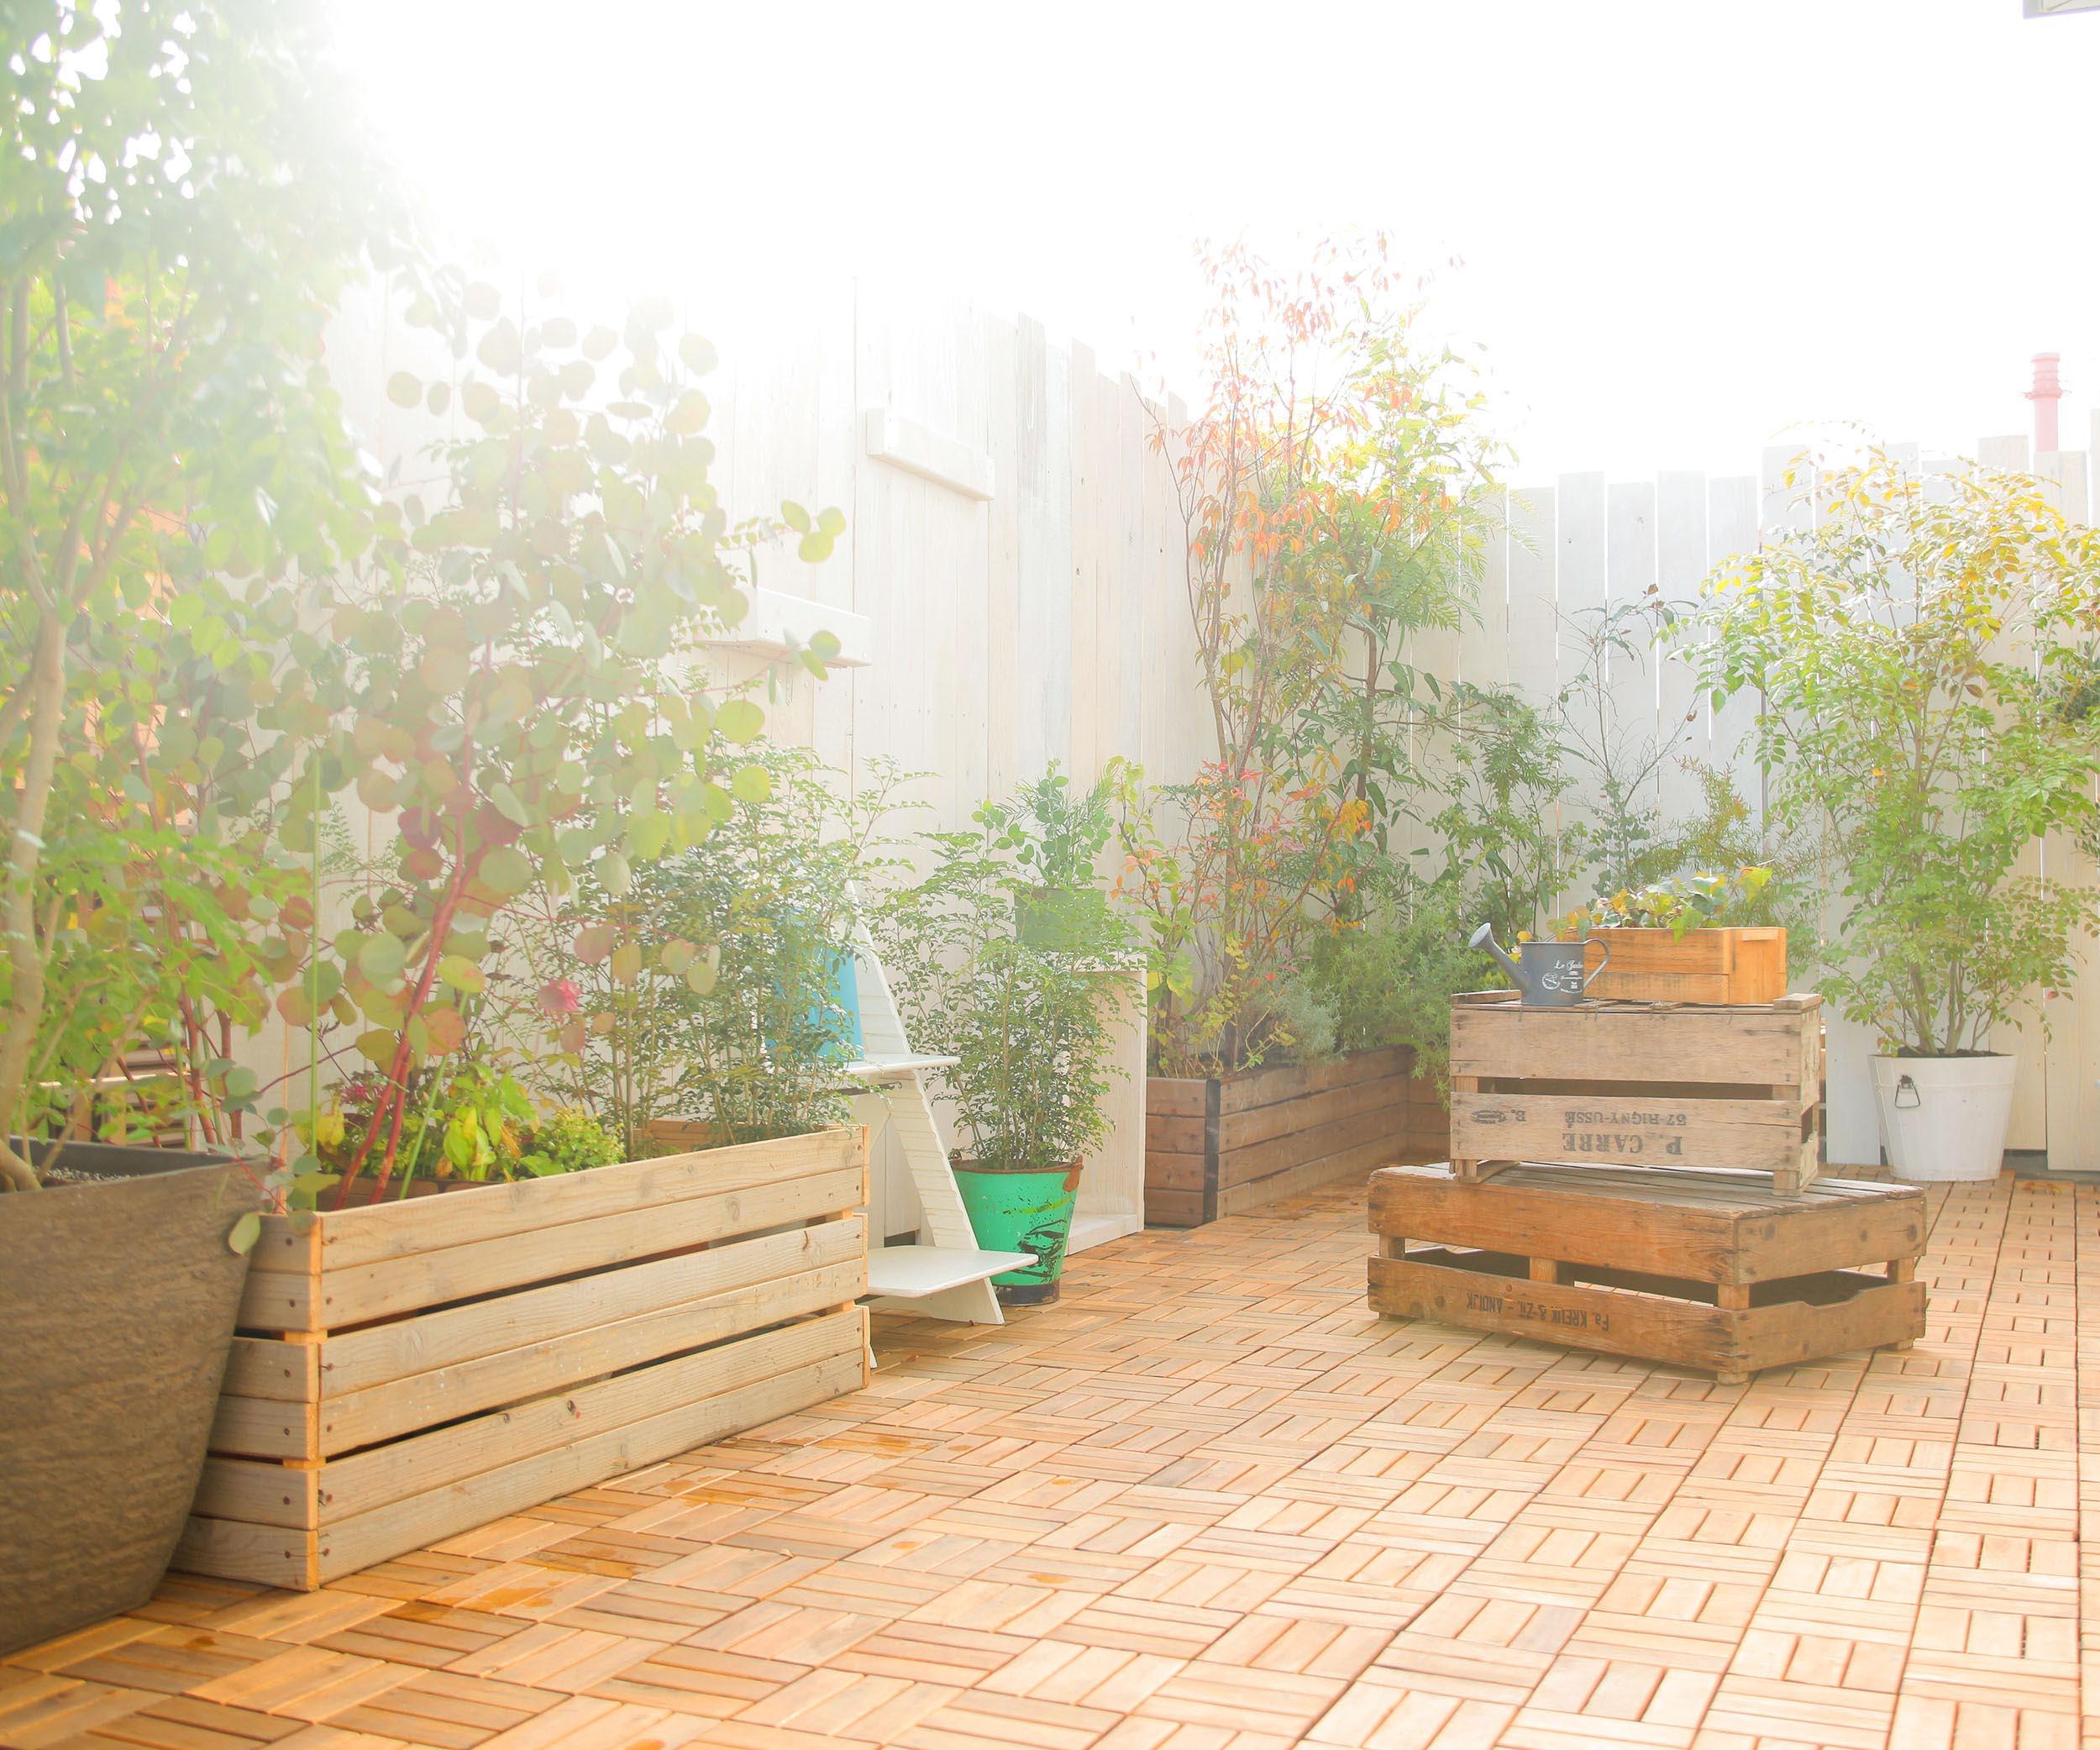 テラス付き - ブルックススタジオ テラス付きハウススタジオ の室内の写真